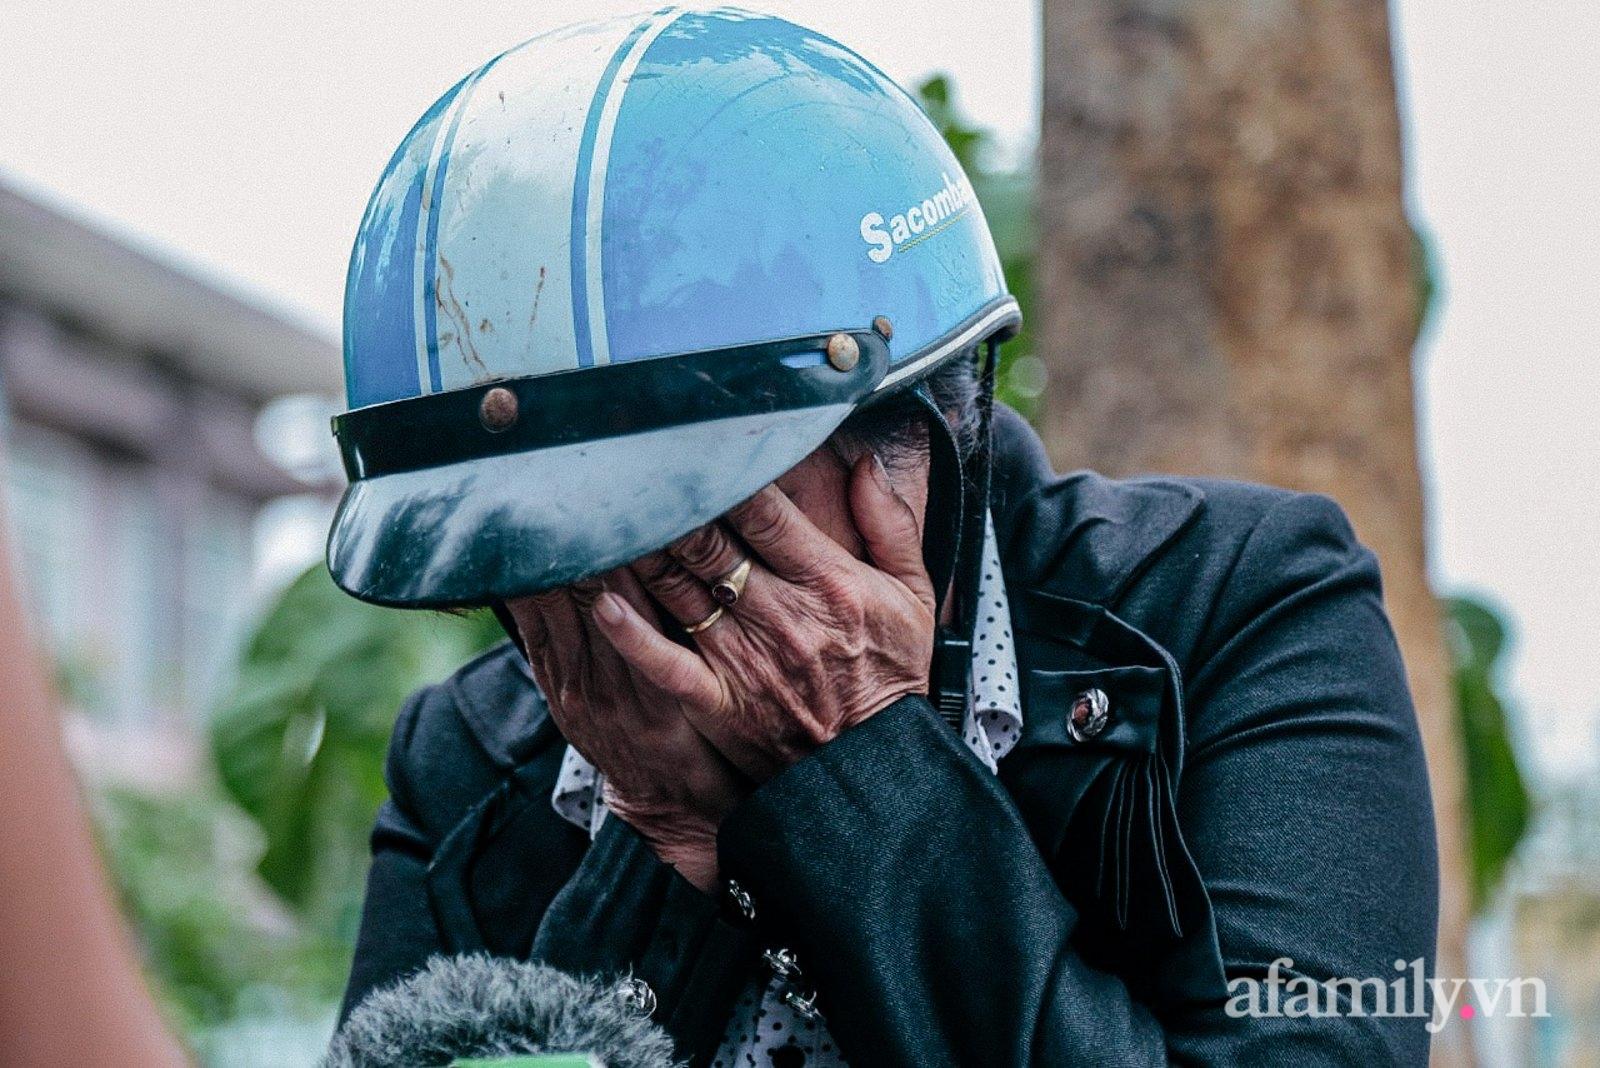 Tin nhắn cuối cùng không hồi đáp và lời hẹn mãi dở dang của chiến sĩ bị núi lở vùi lấp ở Quảng Trị: 'Anh nói sẽ tổ chức 20/10 cho vợ, mà nay lại trở về trên chiếc xe cứu thương' 6